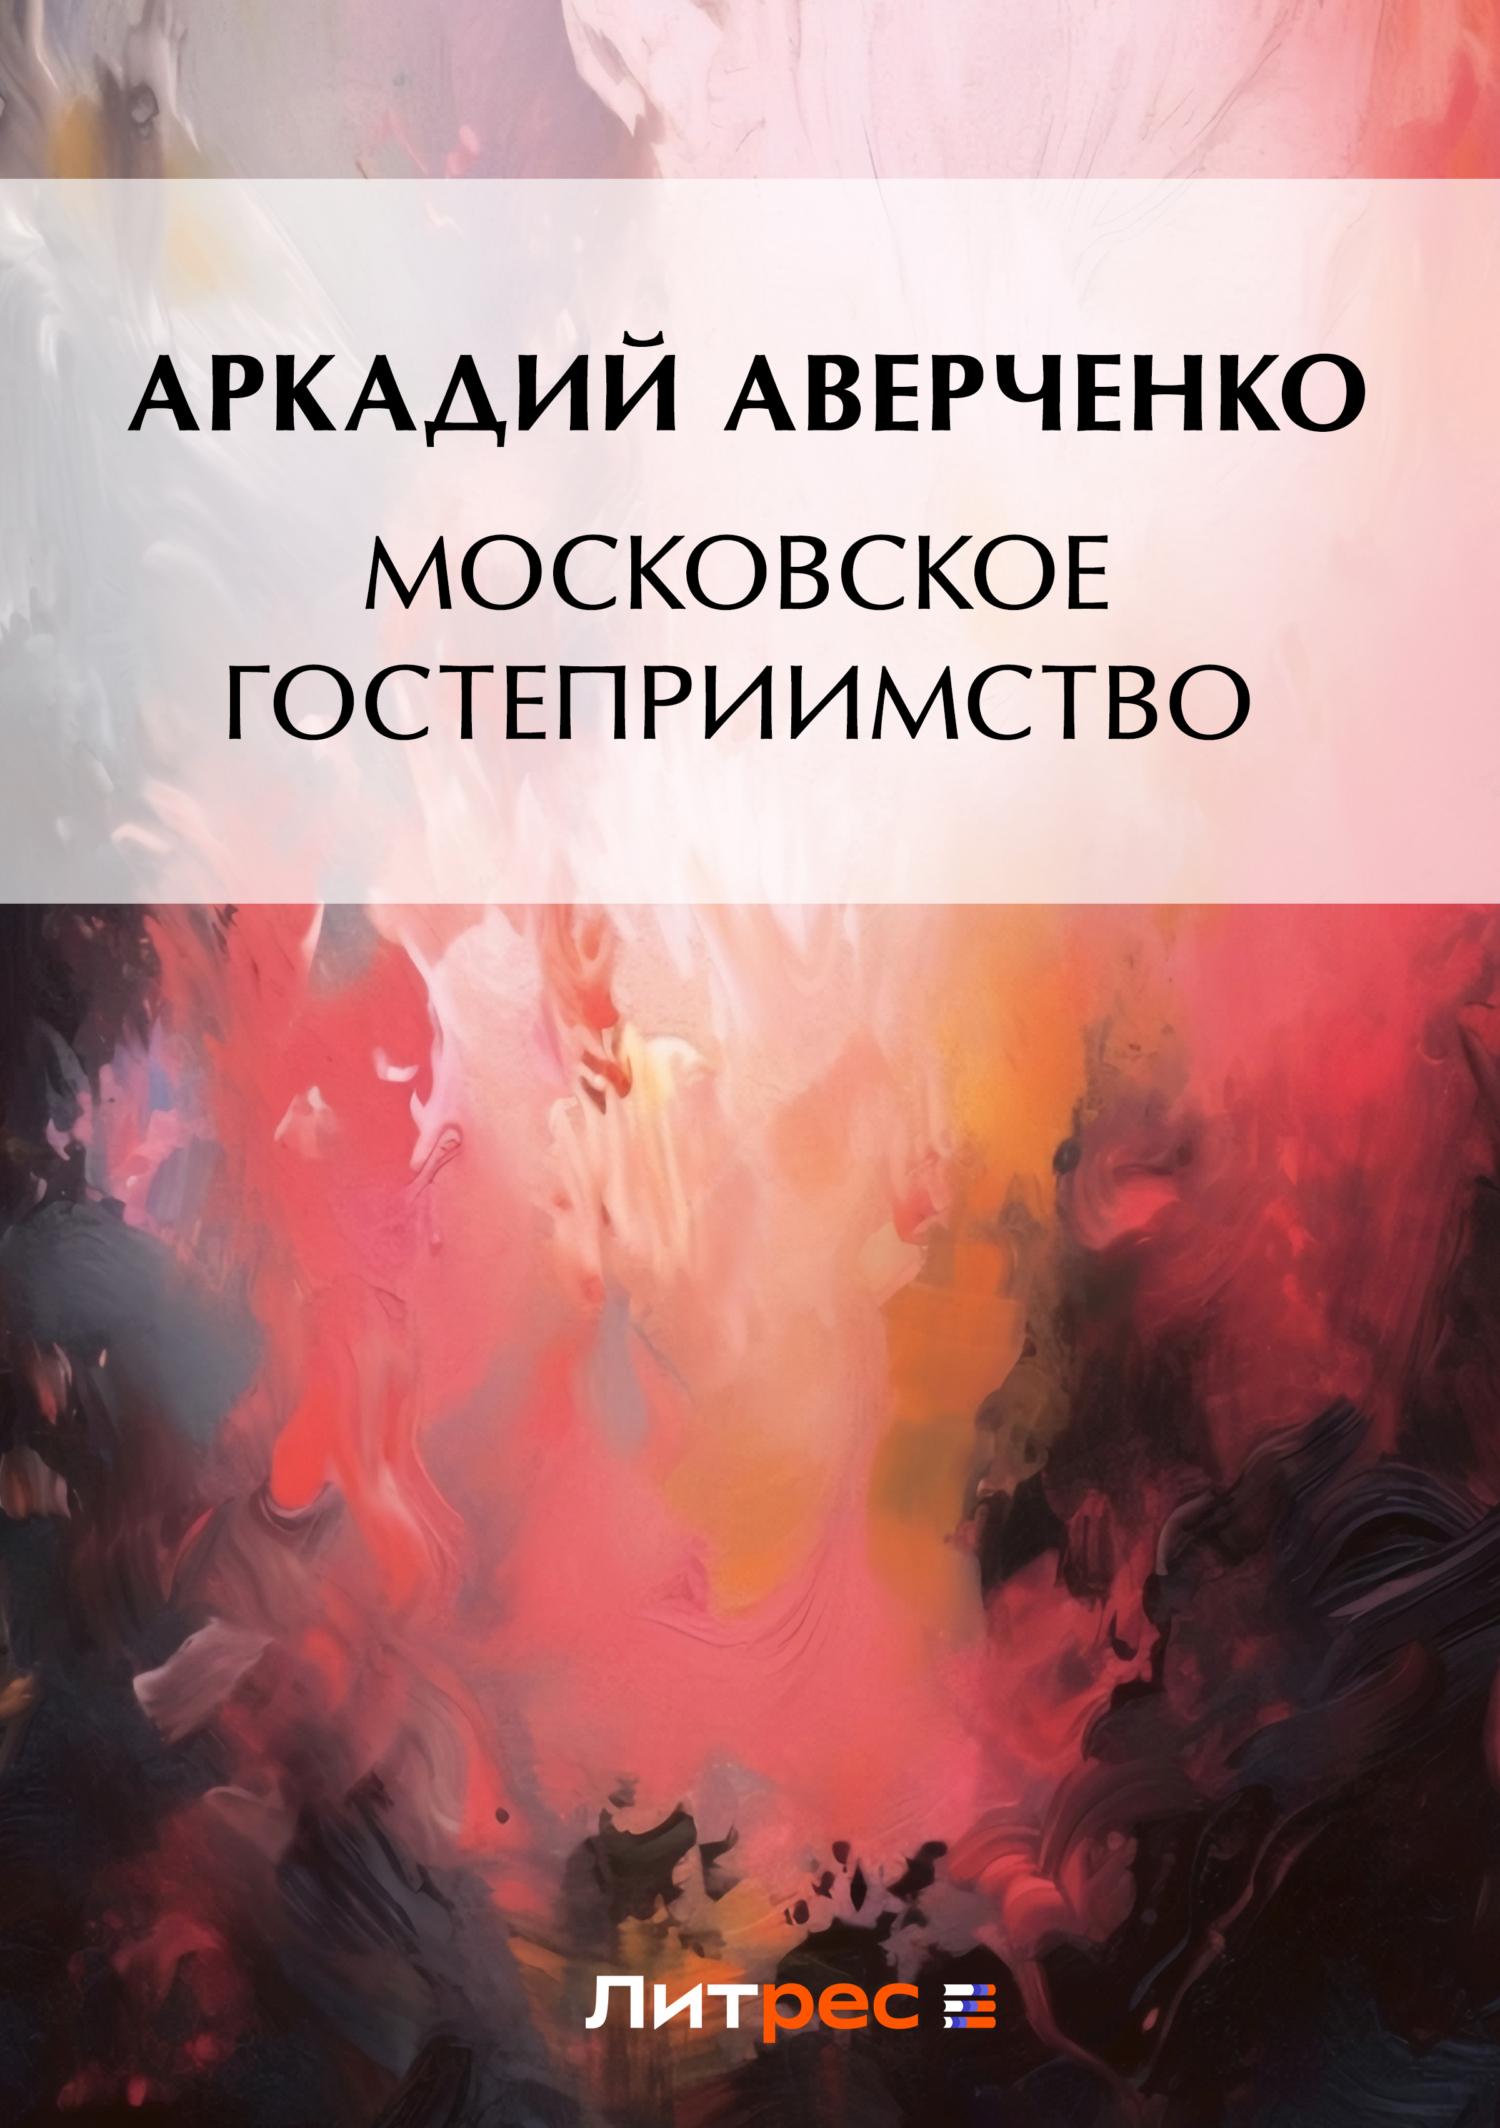 moskovskoe gostepriimstvo